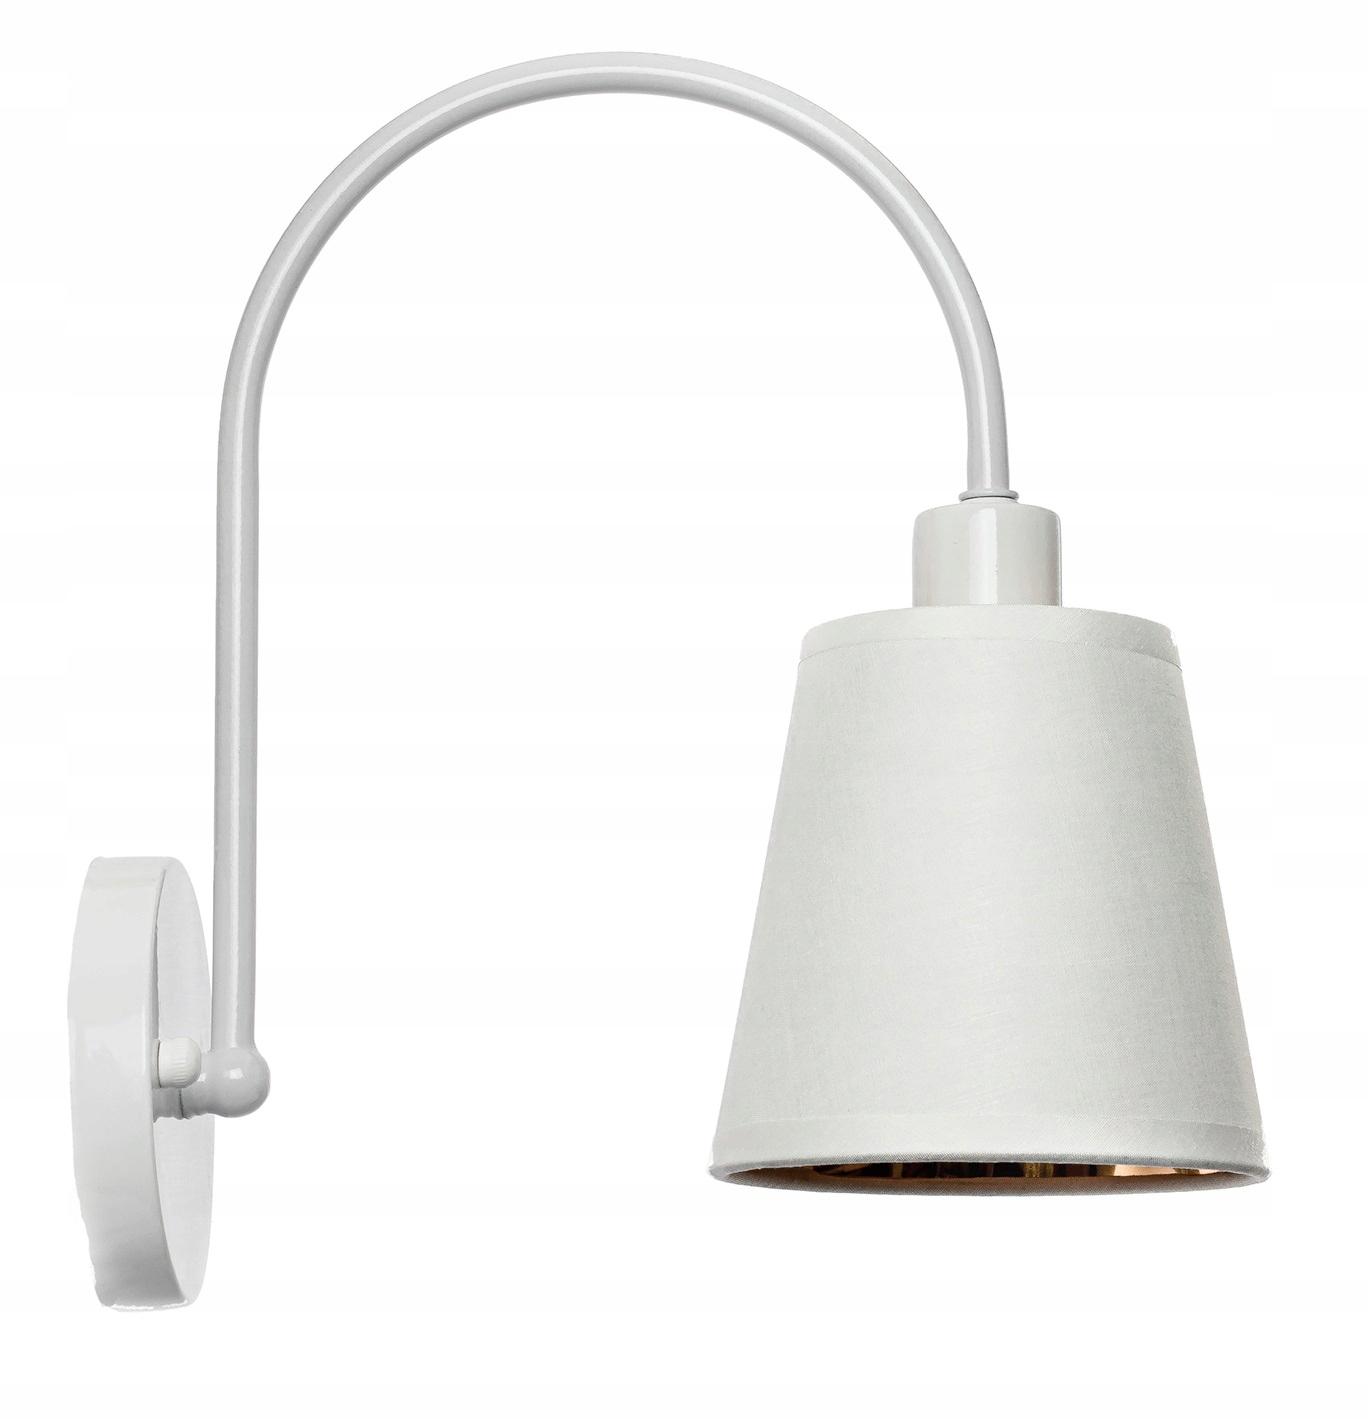 Nástenná lampa s látkovým tienidlom biela zlatá mašľa